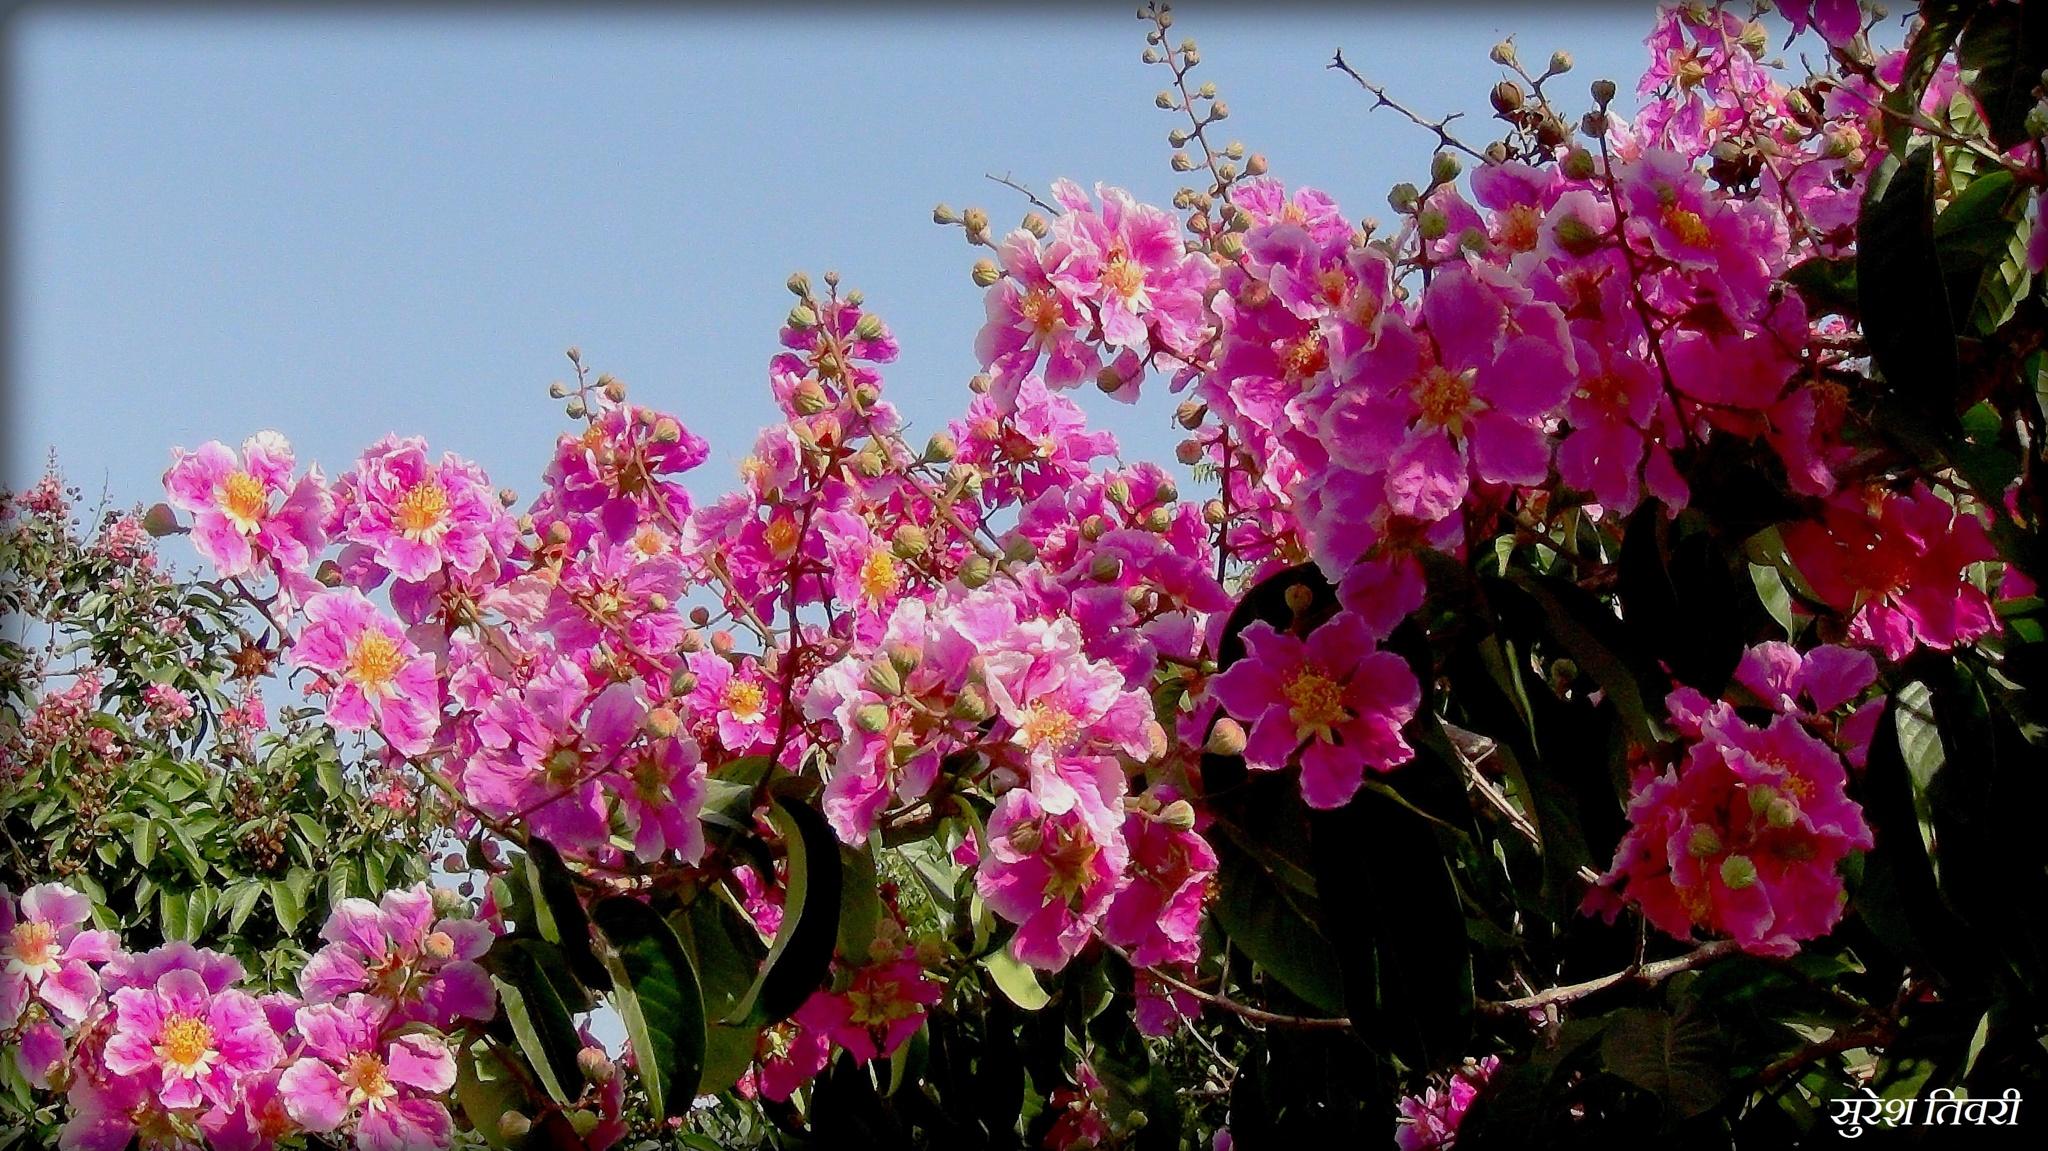 Pretty Flowers by Suresh Tewari